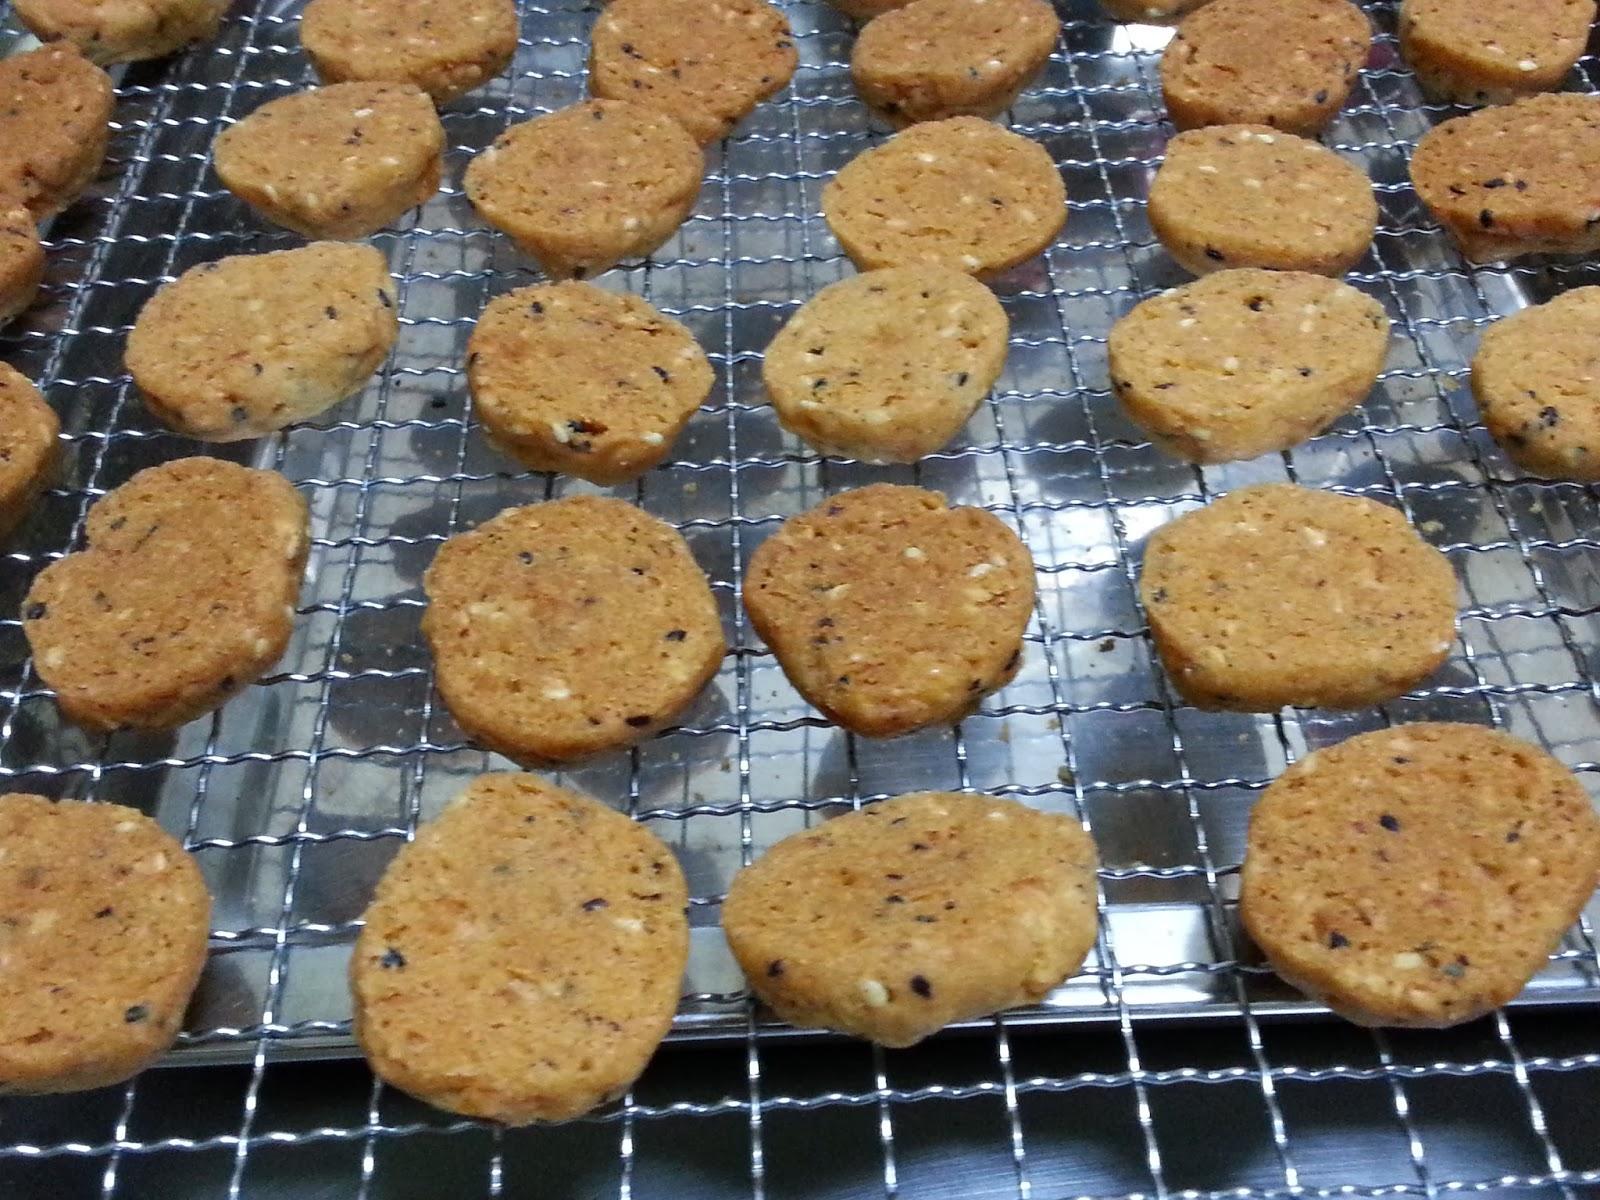 中西式 糕點 小吃 烹飪 美食網: Corn Flakes Sesame Cookies芝麻玉米片香脆餅